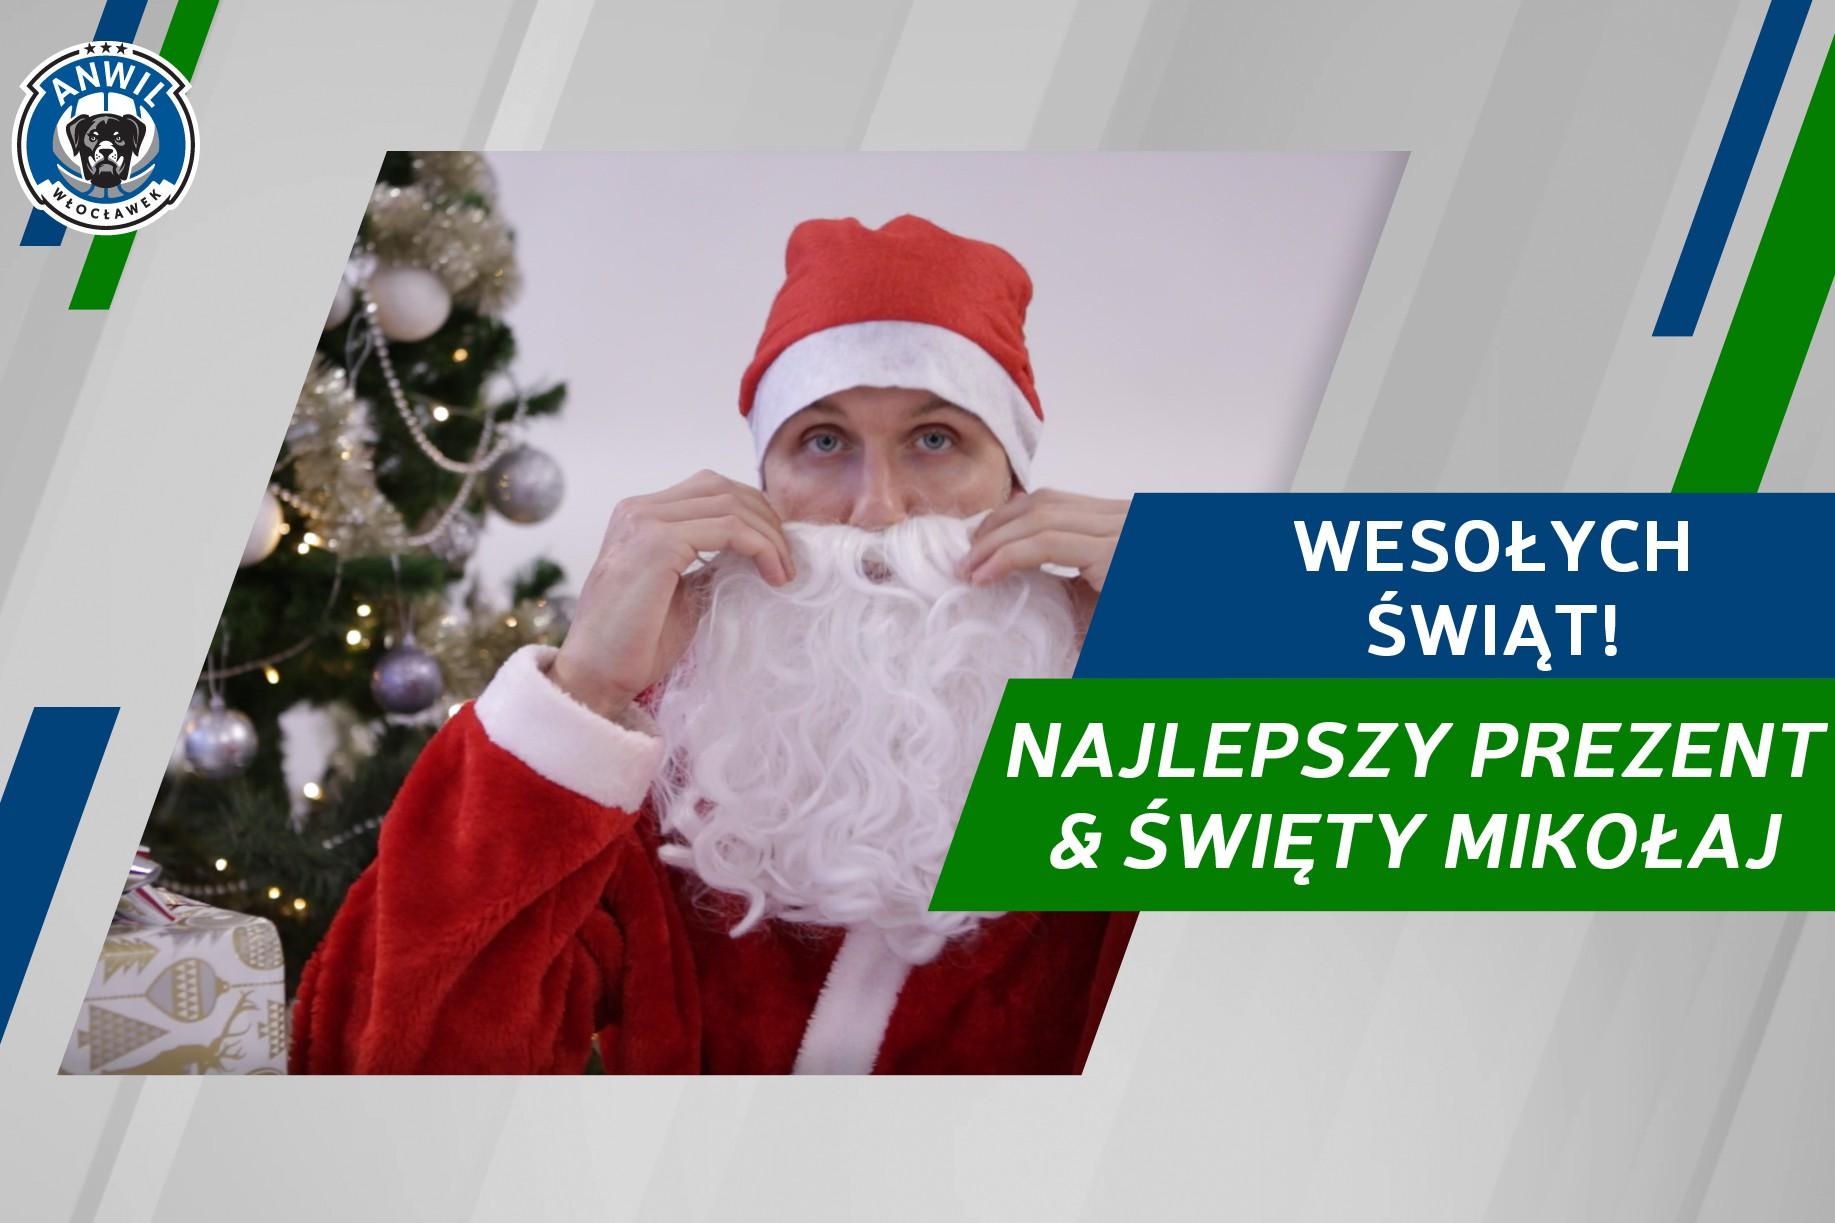 Wideo   Wesołych Świąt   Najlepszy prezent pod choinką i Święty Mikołaj... nie istnieje?